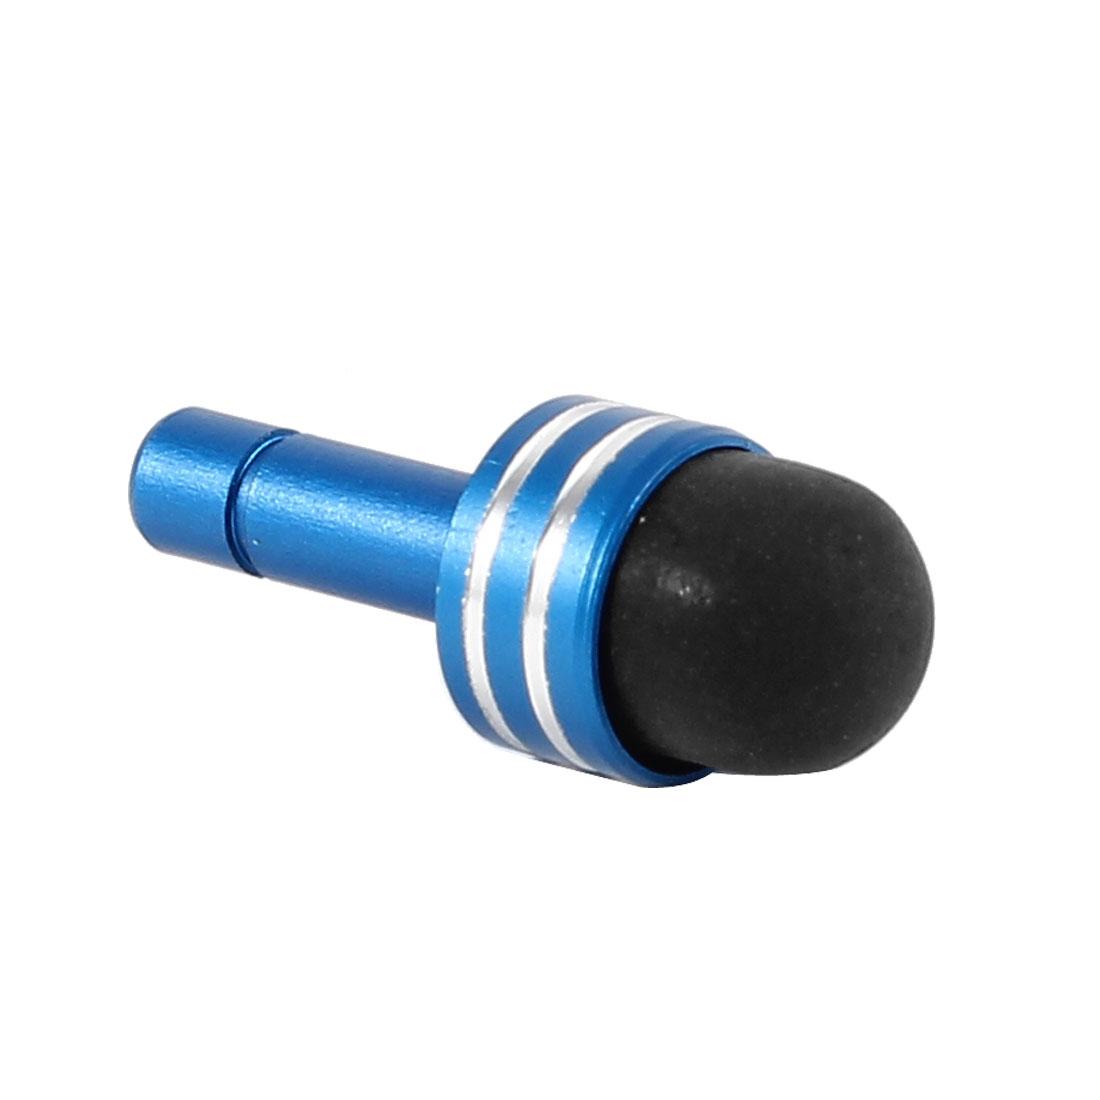 Stripe Pattern 3.5mm Ear Anti Dust Cap Stopper Stylus Pen Sky Blue Black for Smartphone